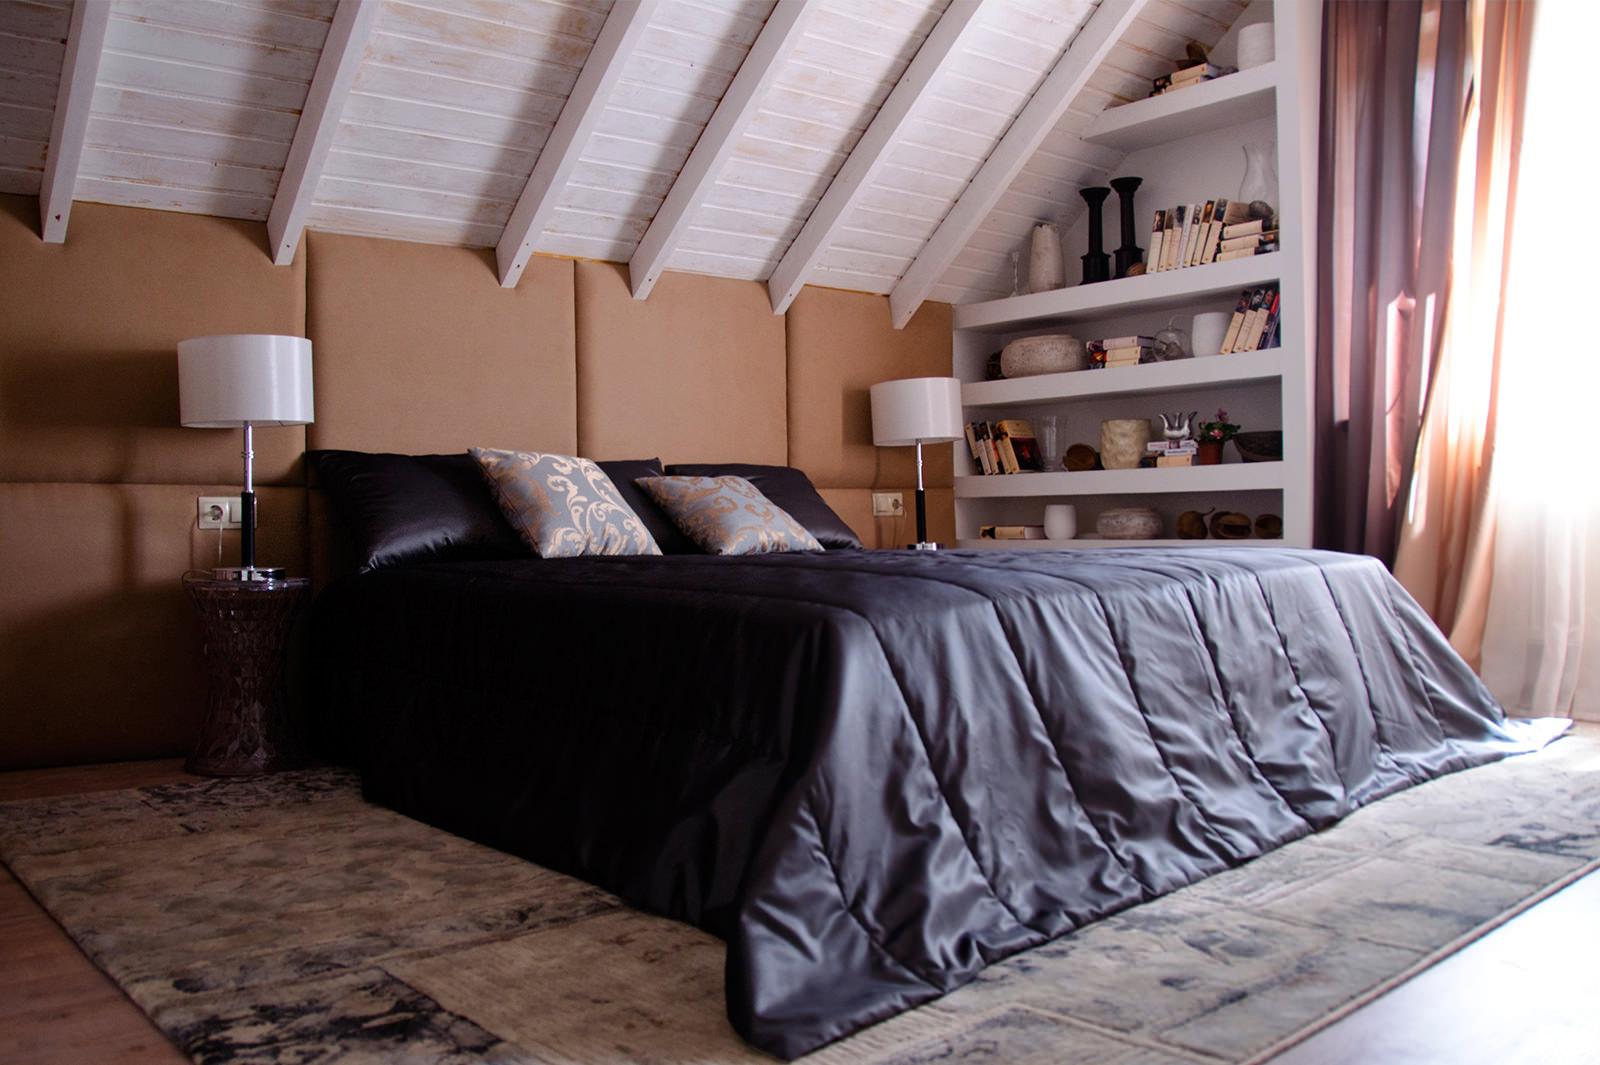 Черный, белый и коричневый цвета в интерьере спальни 16 кв м